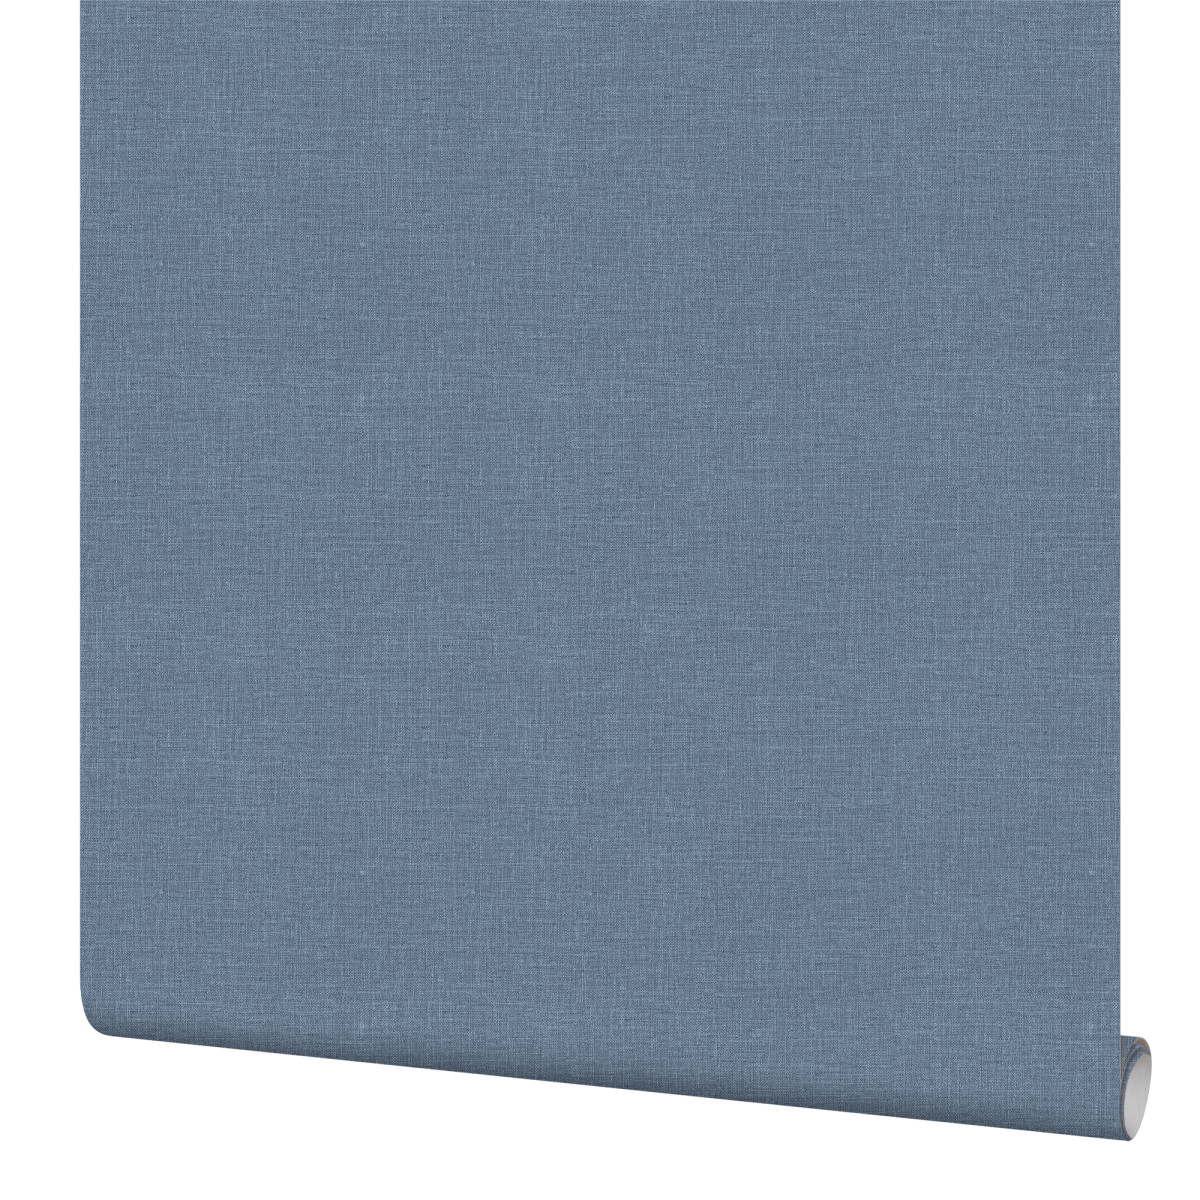 Обои флизелиновые Home Color Zodiac синие 1.06 м HC71451-16